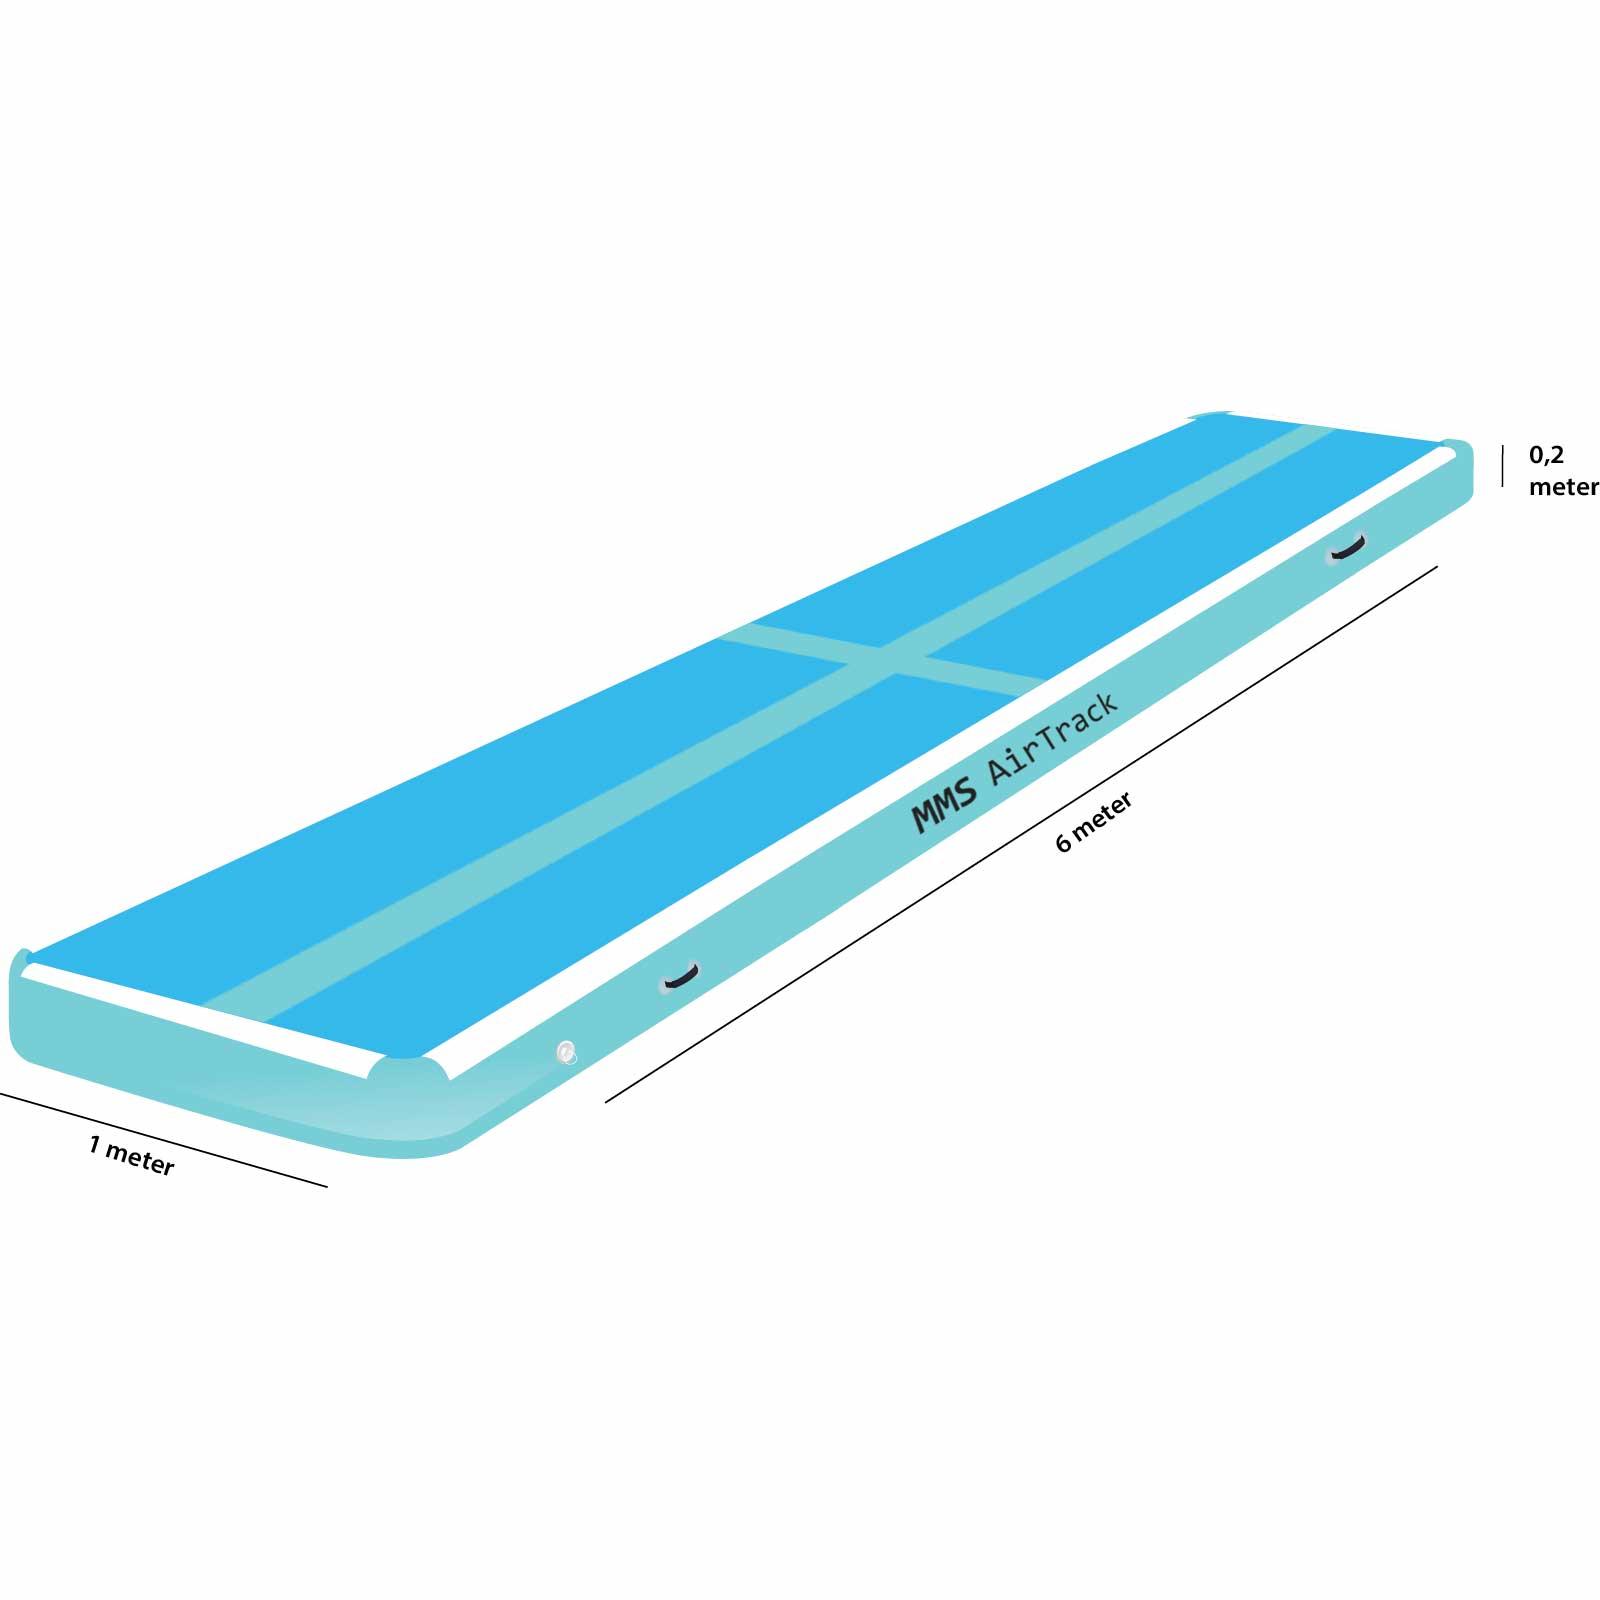 Airtrack 6 met x 1 x 0,2 blauw